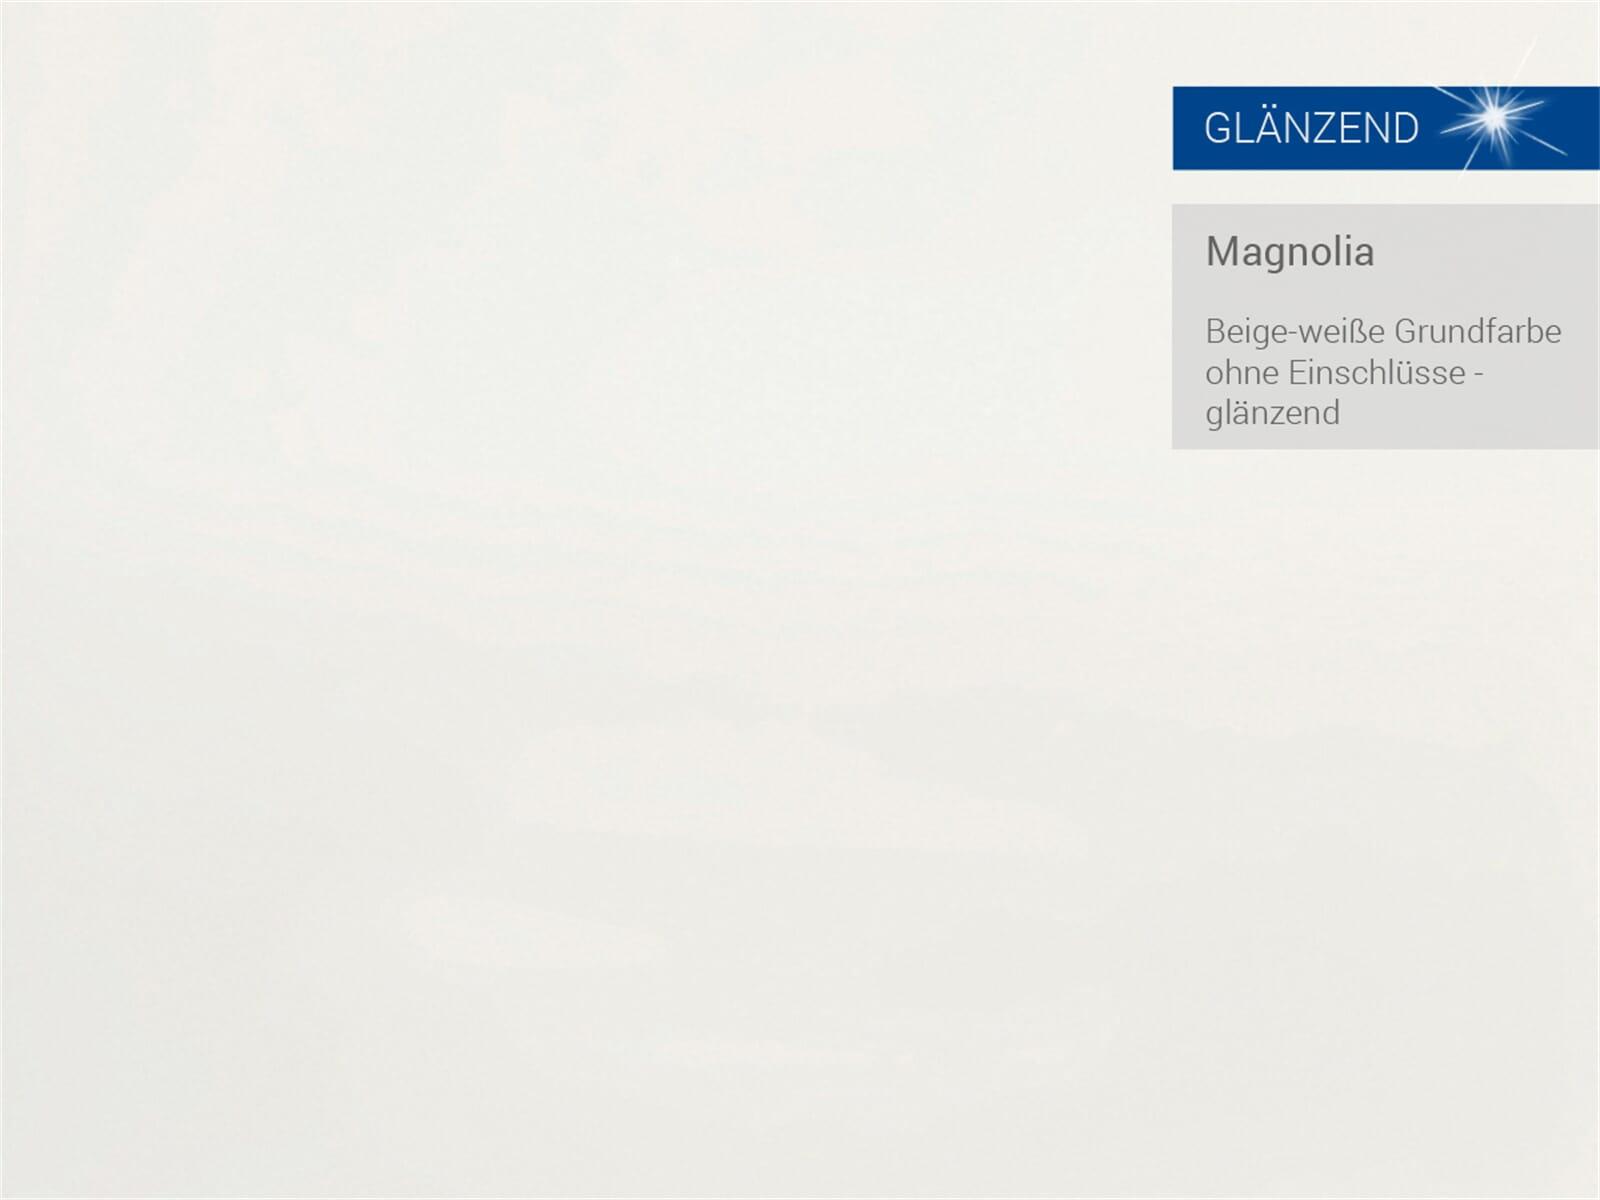 Franke Kubus KBK 110-70 Magnolia - 126.0381.440 Keramikspüle